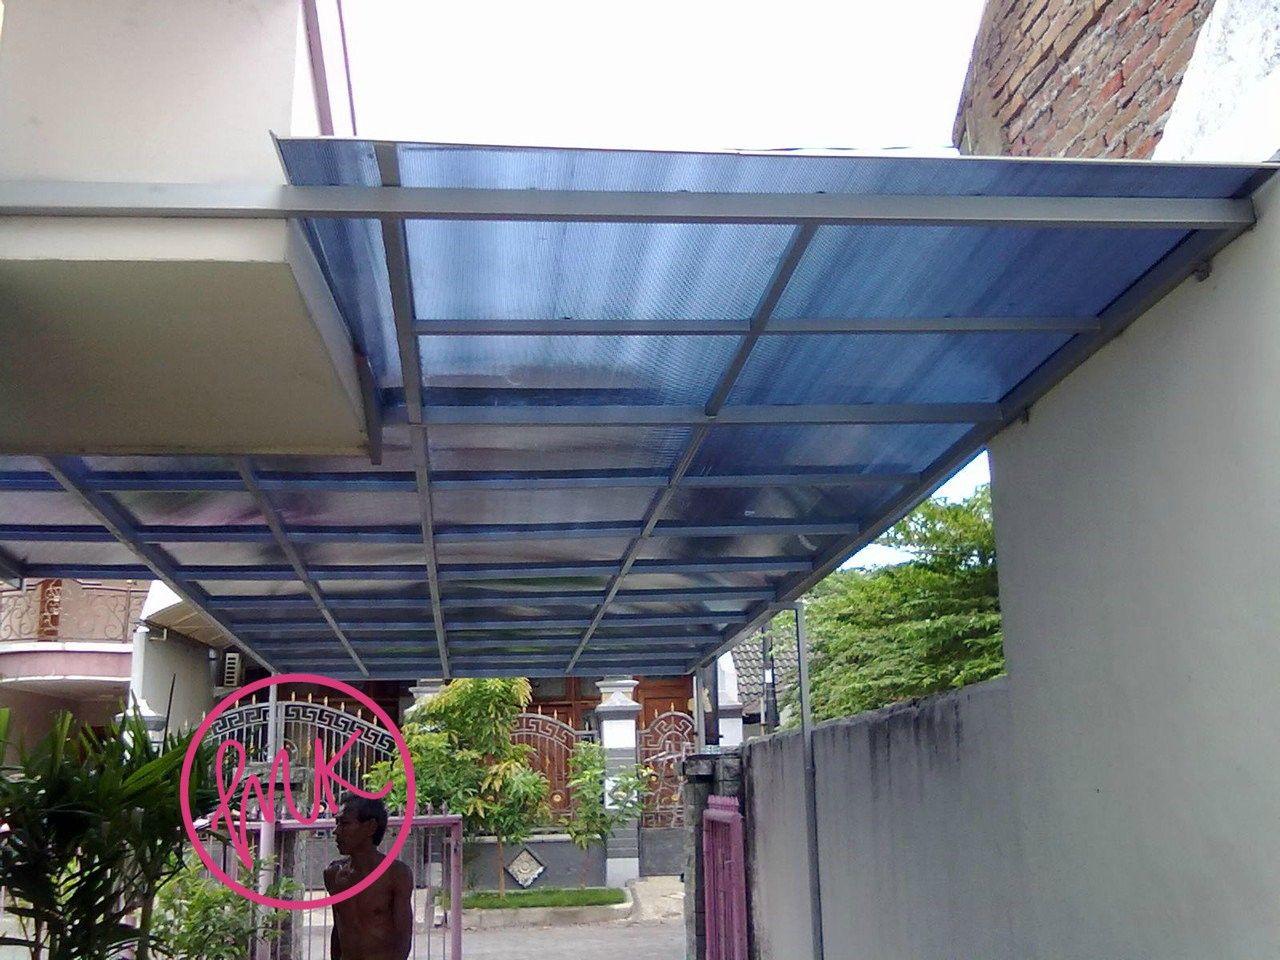 kanopi baja galvanis harga 250 000 per m2 besi anti karat ukuran 4x4